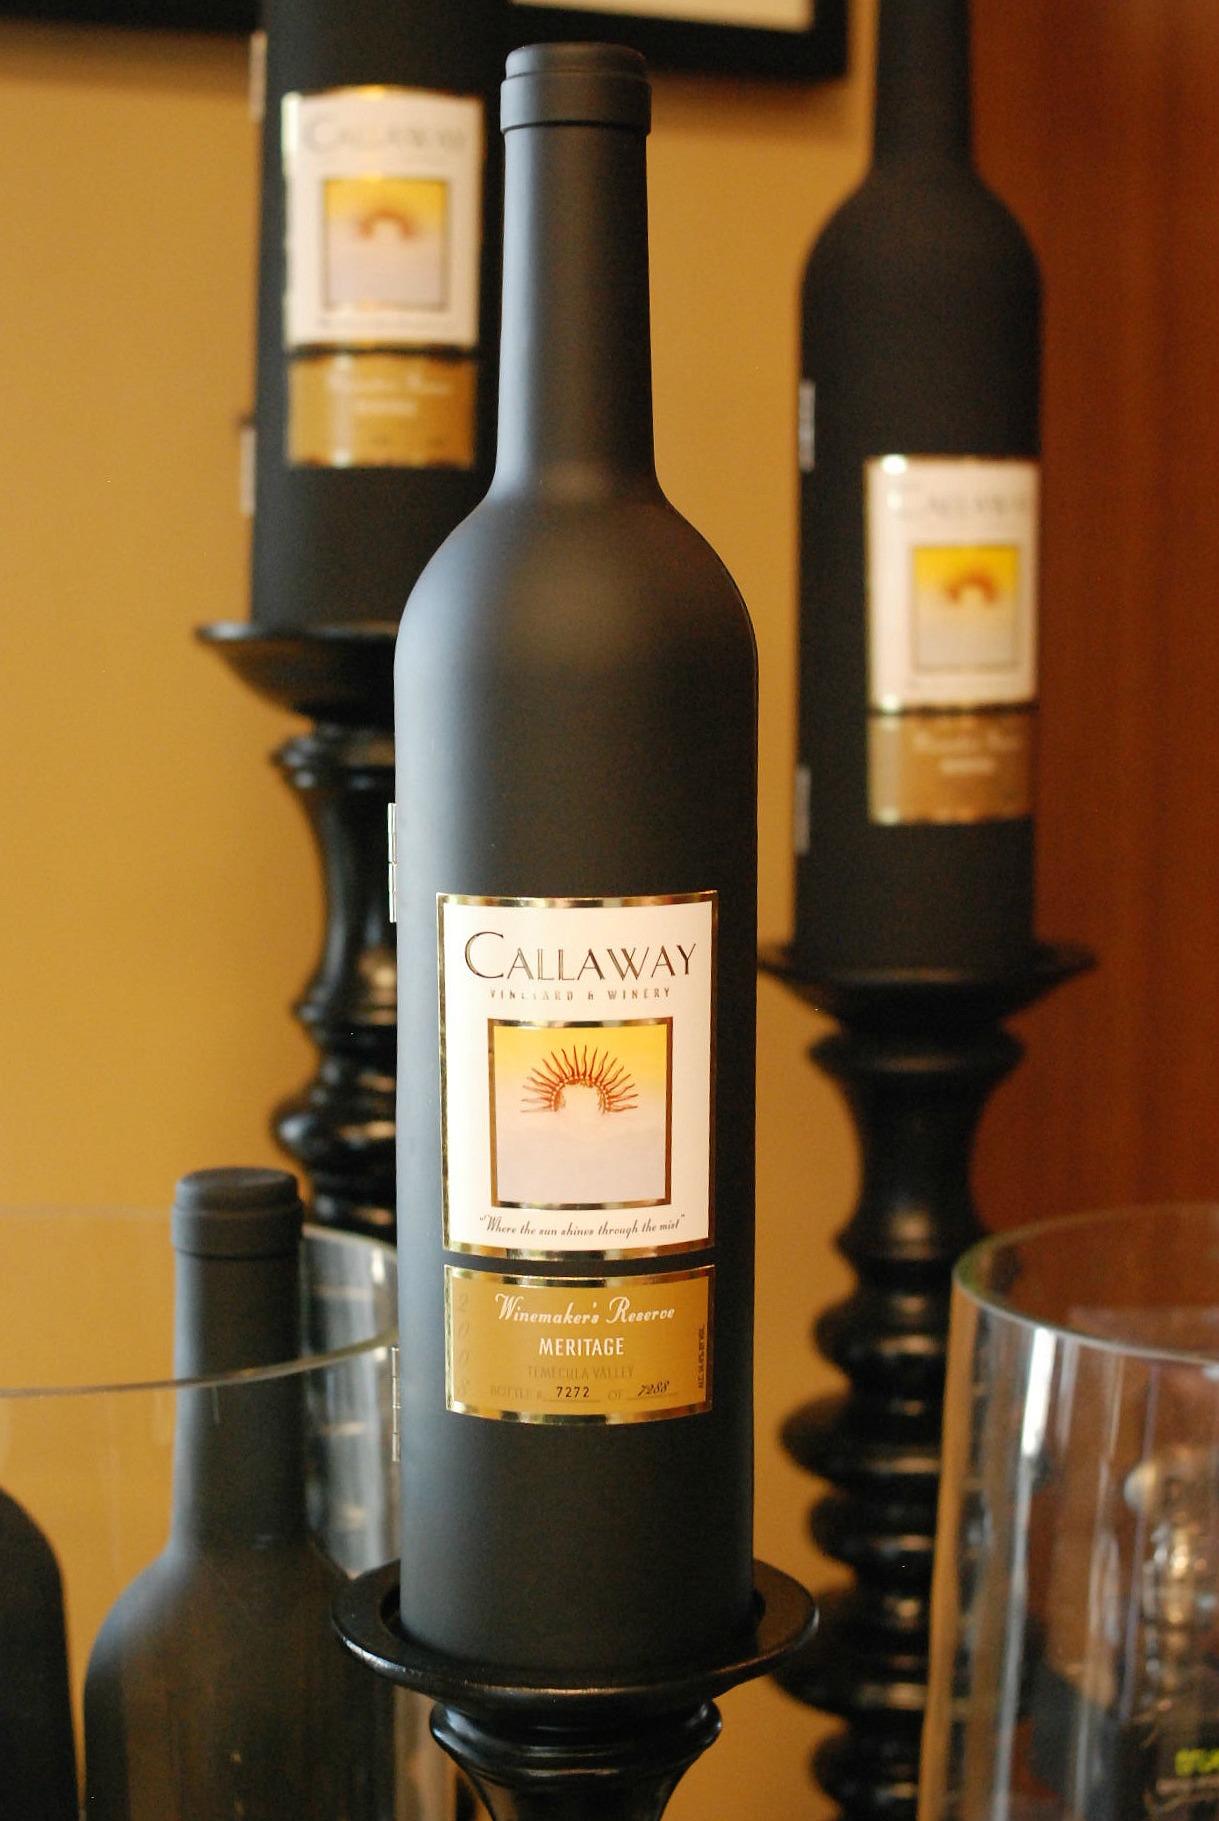 Callaway black bottle wine